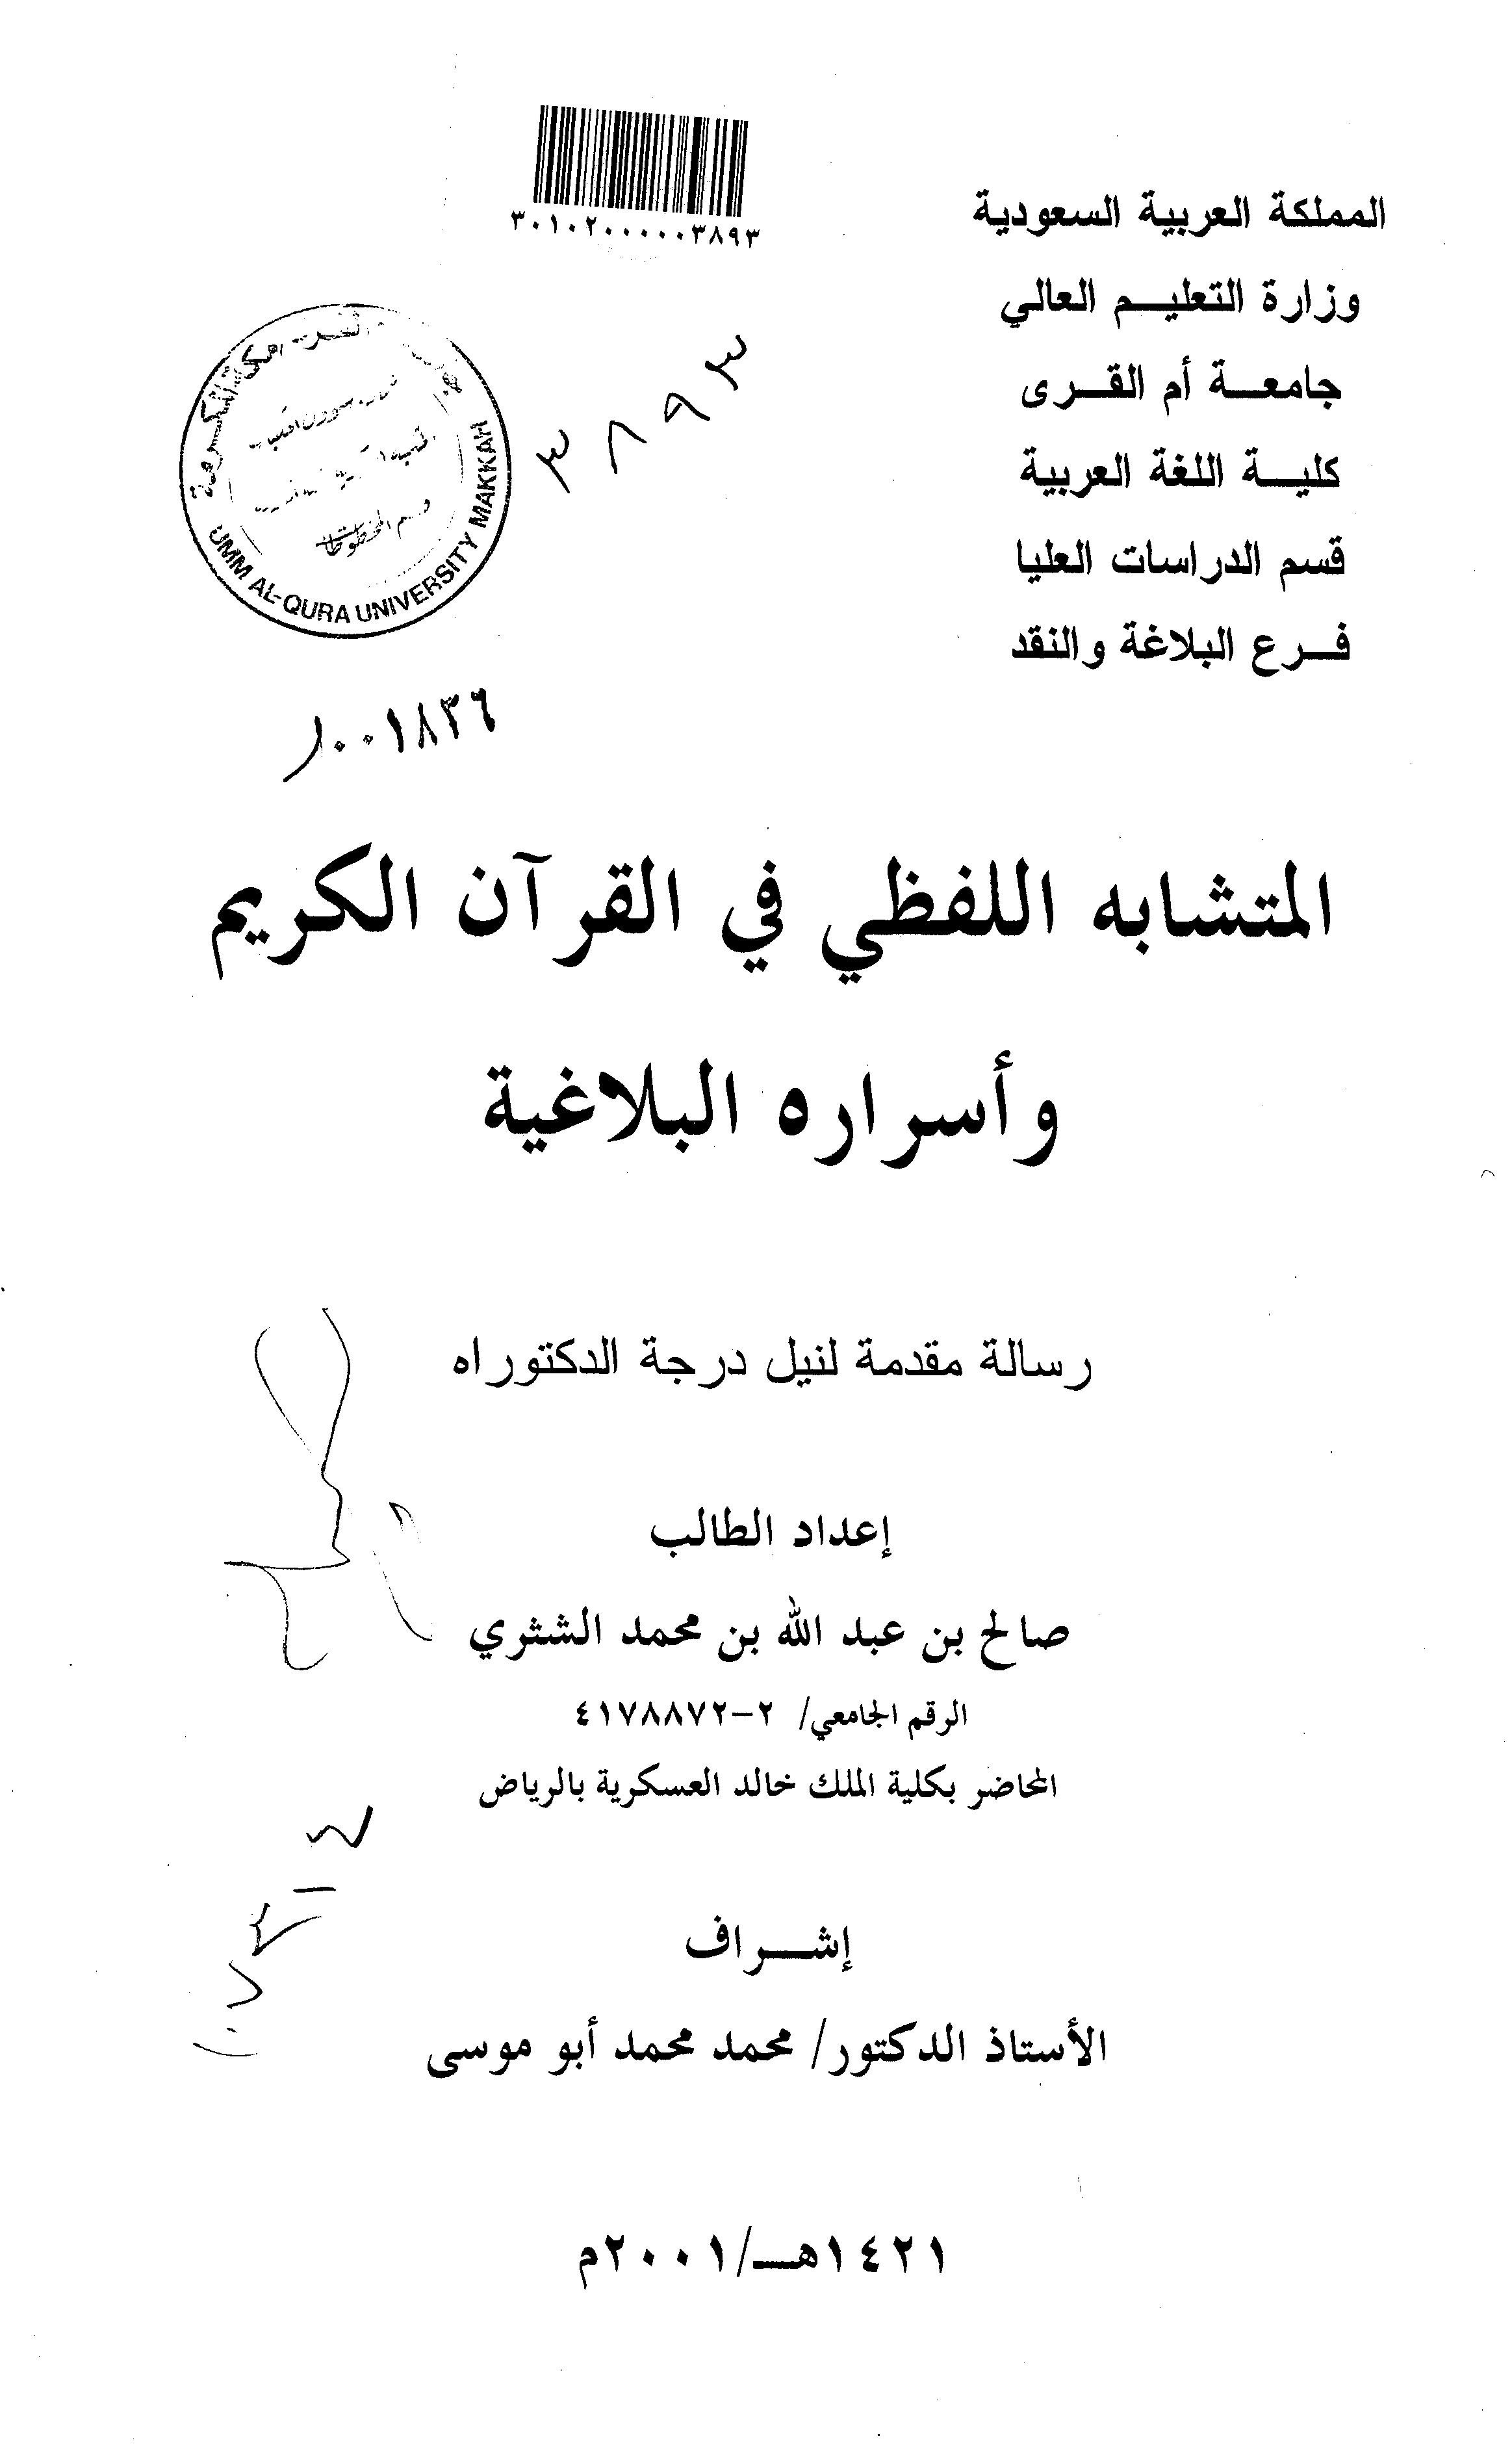 تحميل كتاب المتشابه اللفظي في القرآن الكريم وأسراره البلاغية لـِ: الدكتور صالح بن عبد الله بن محمد الشثري